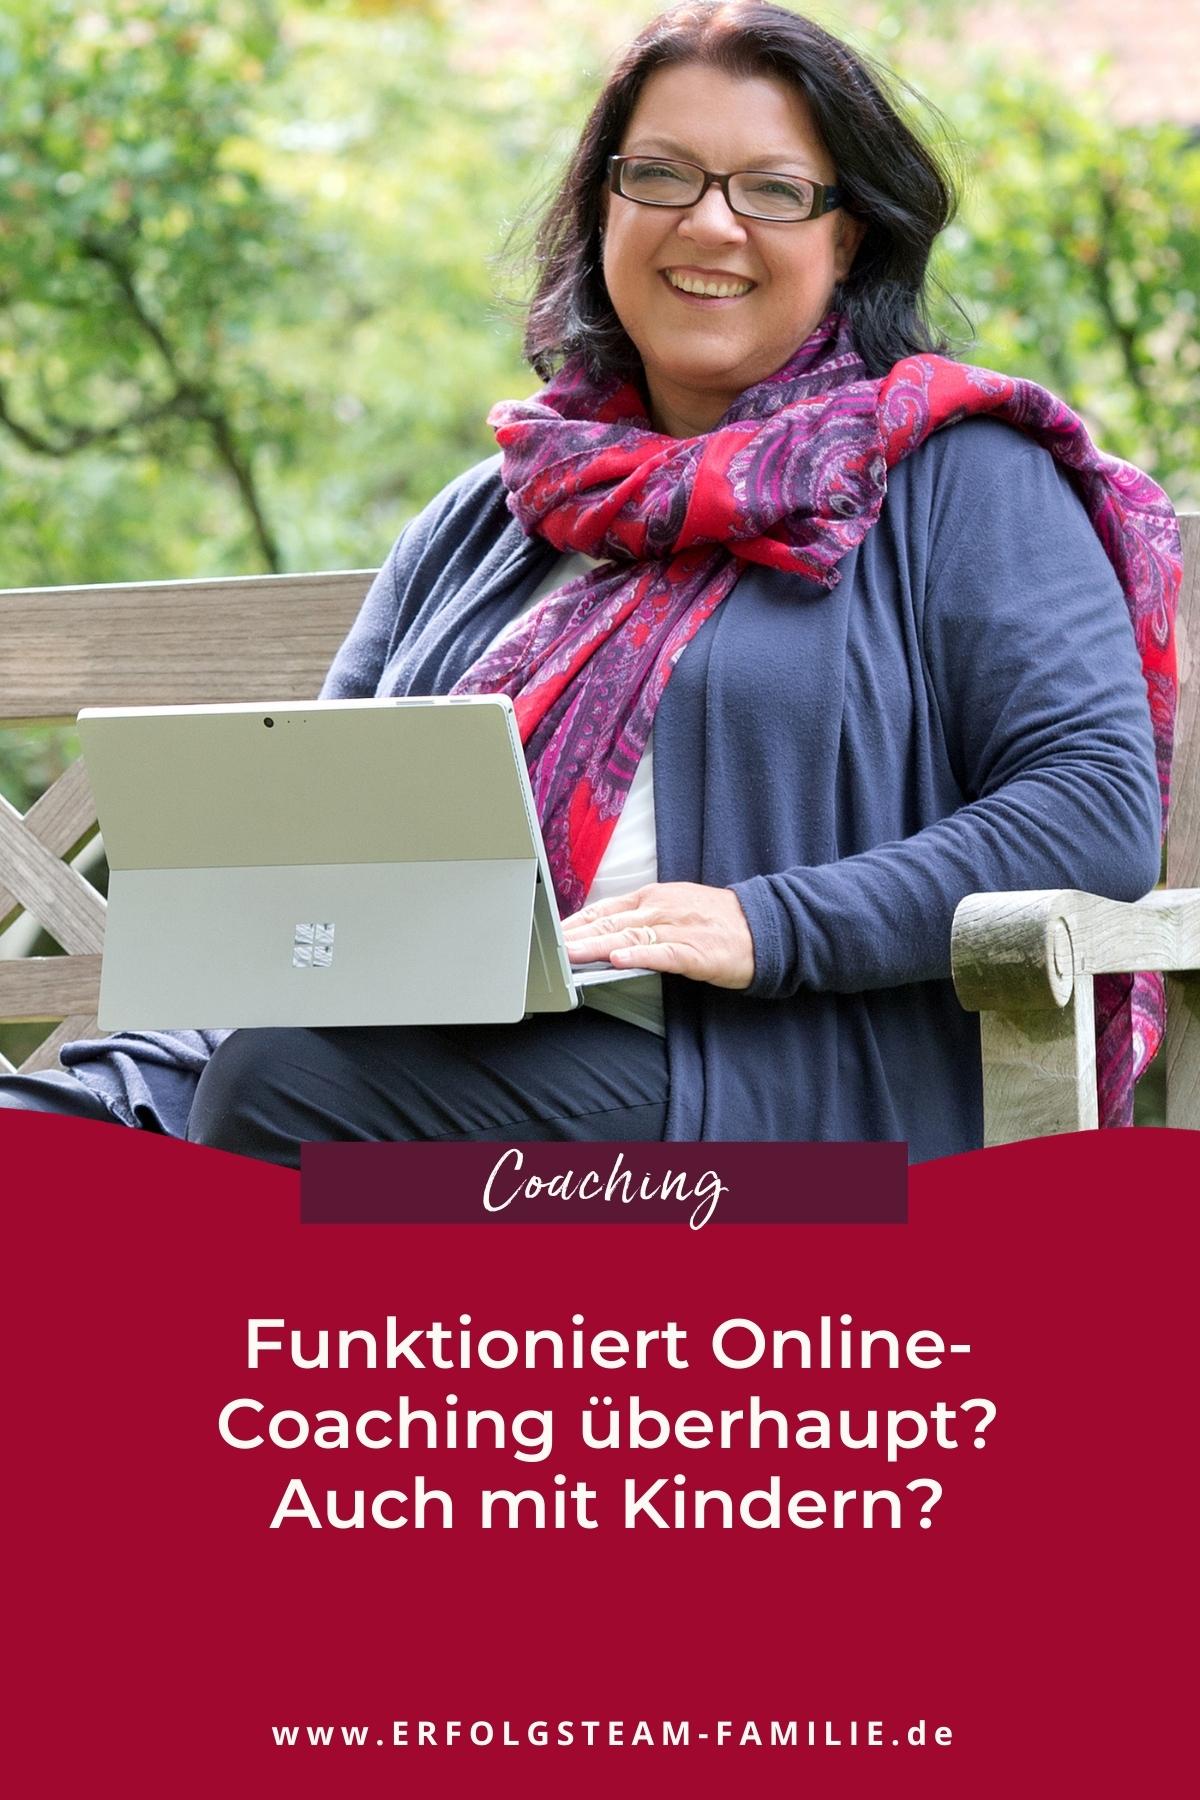 Funktioniert Online-Coaching überhaupt? Auch mit Kindern?